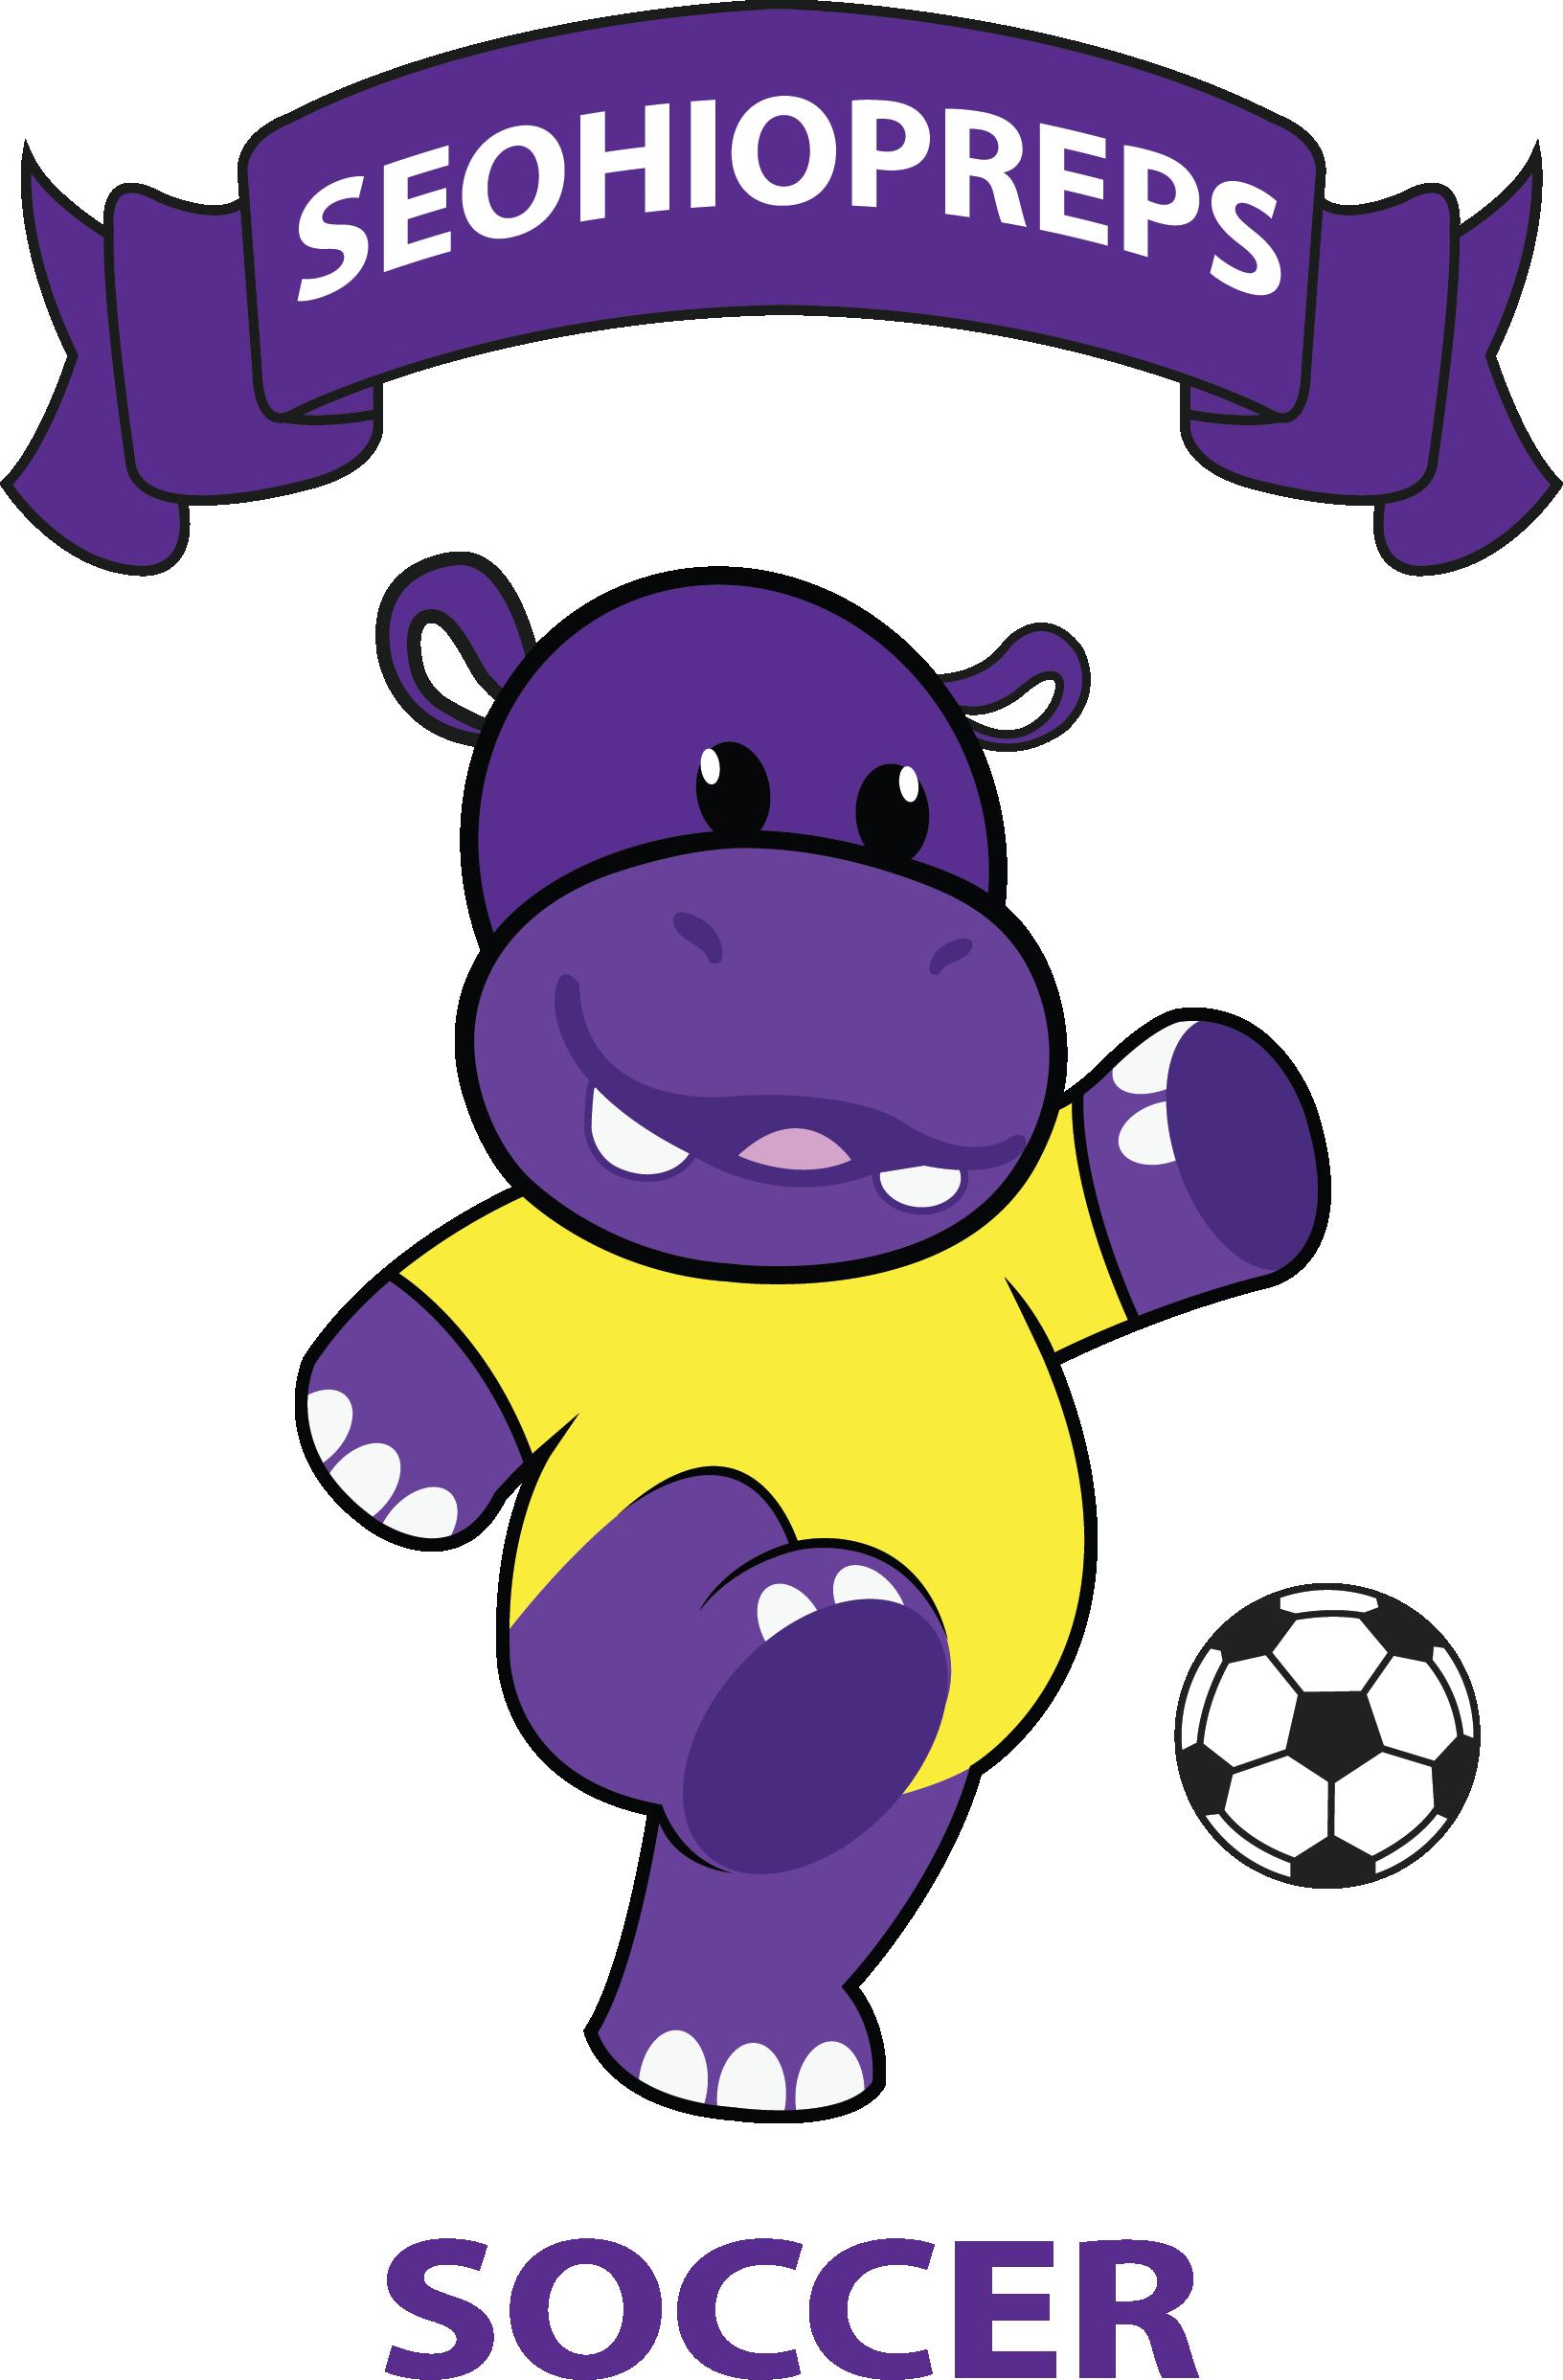 seohiopreps soccer